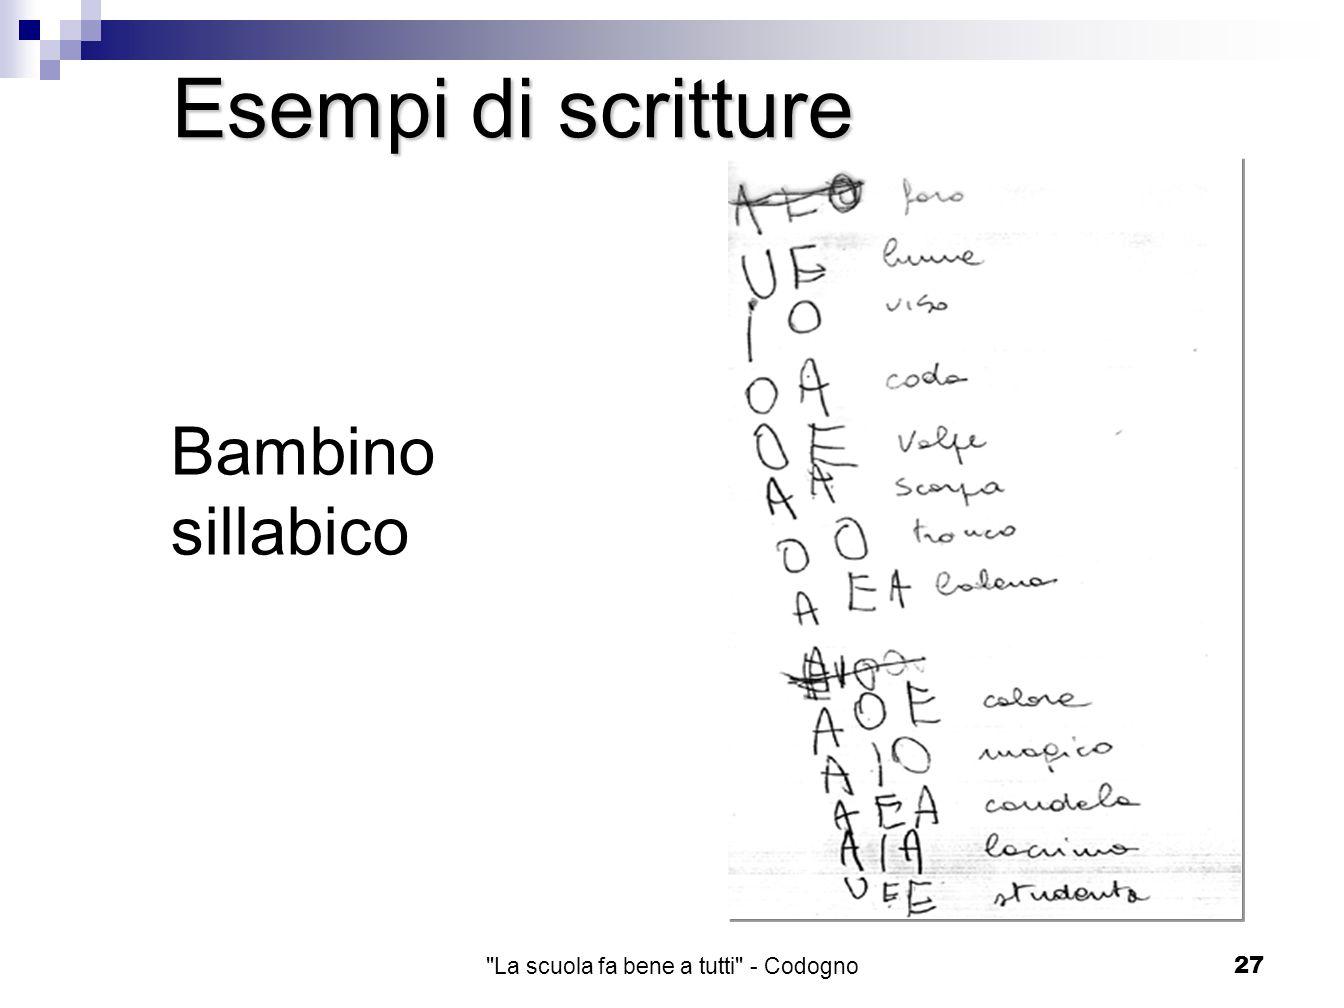 La scuola fa bene a tutti - Codogno27 Bambino sillabico Esempi di scritture